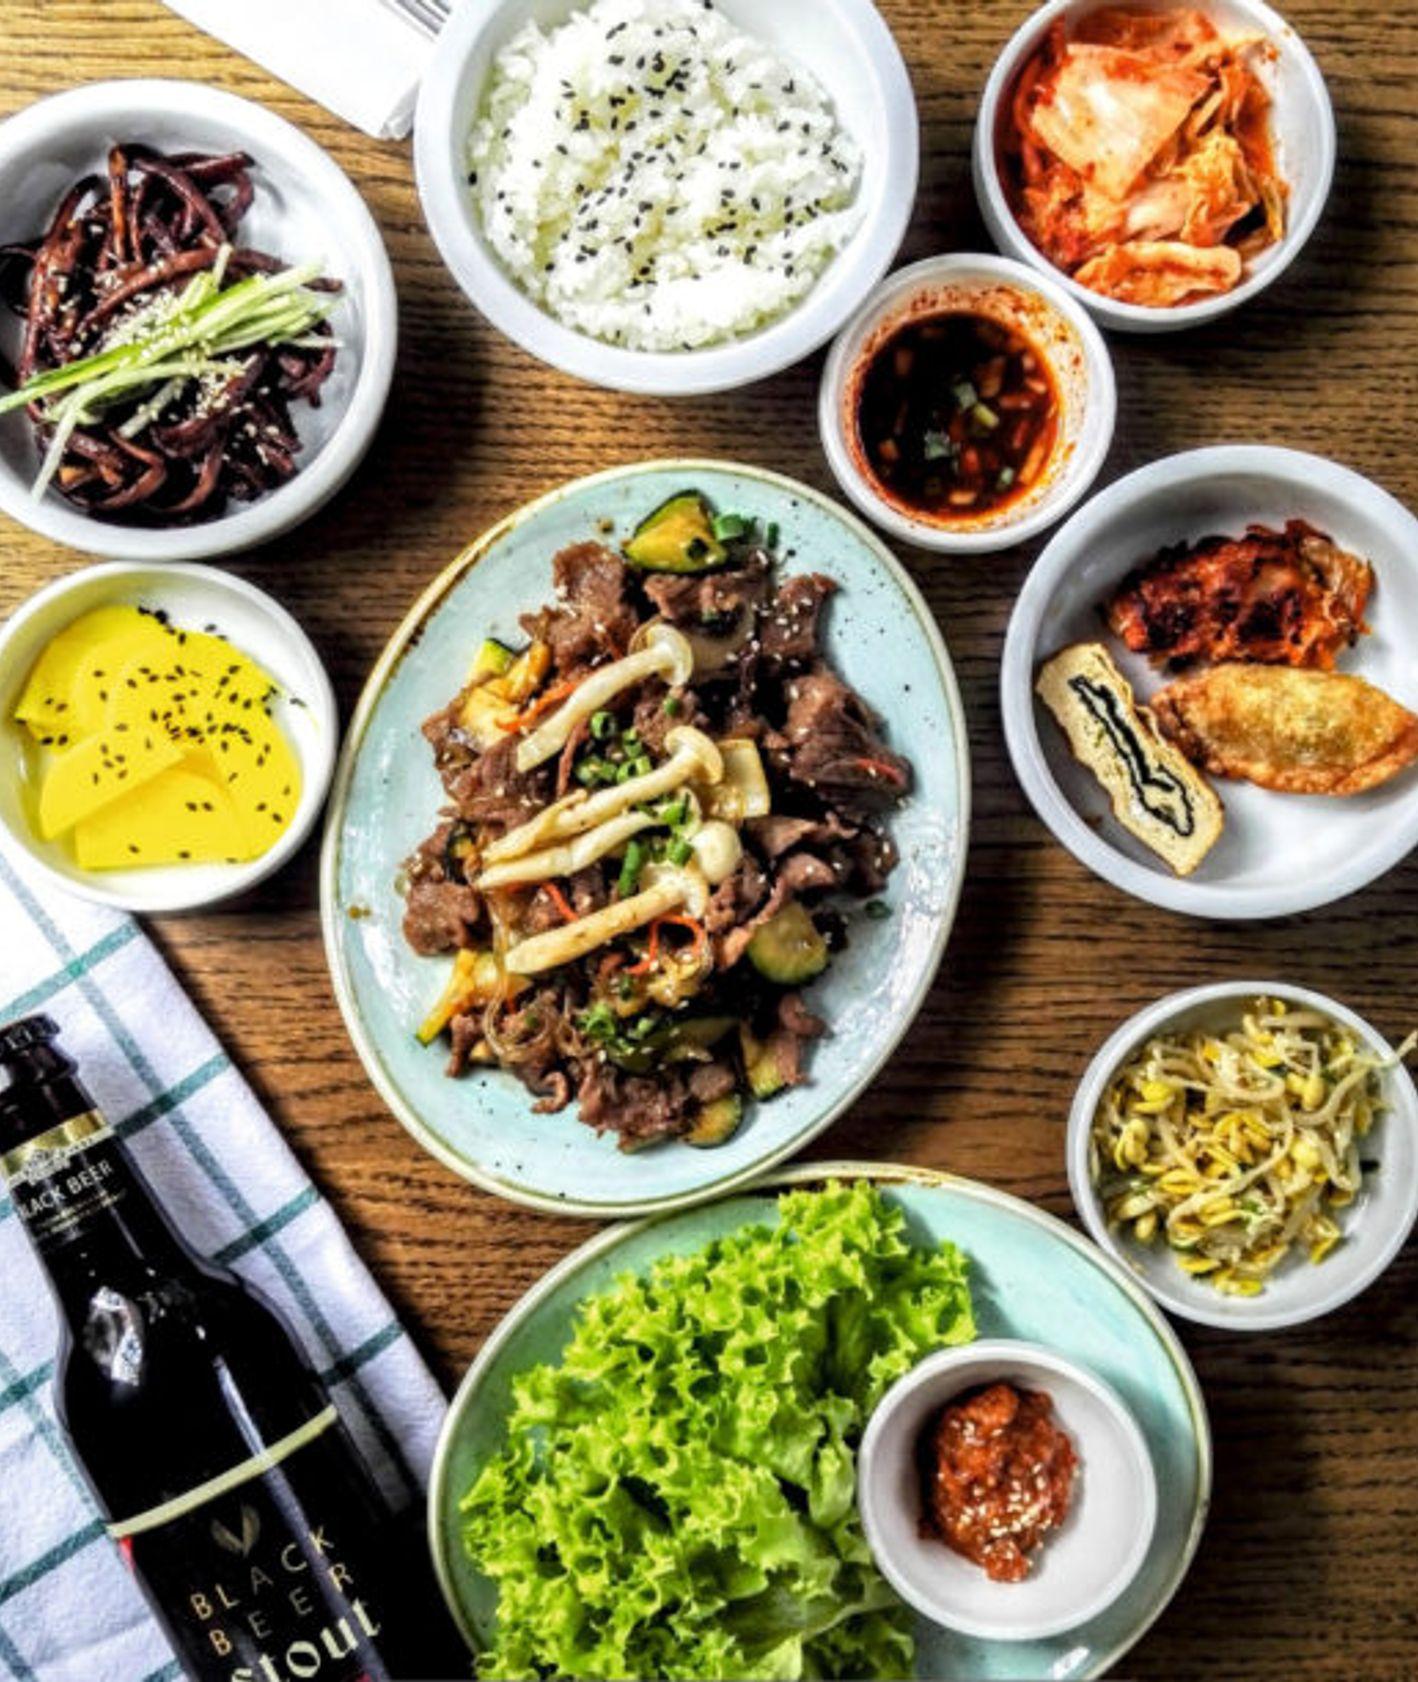 Najlepsze Restauracje Koreanskie W Warszawie Kuchnia Koreanska